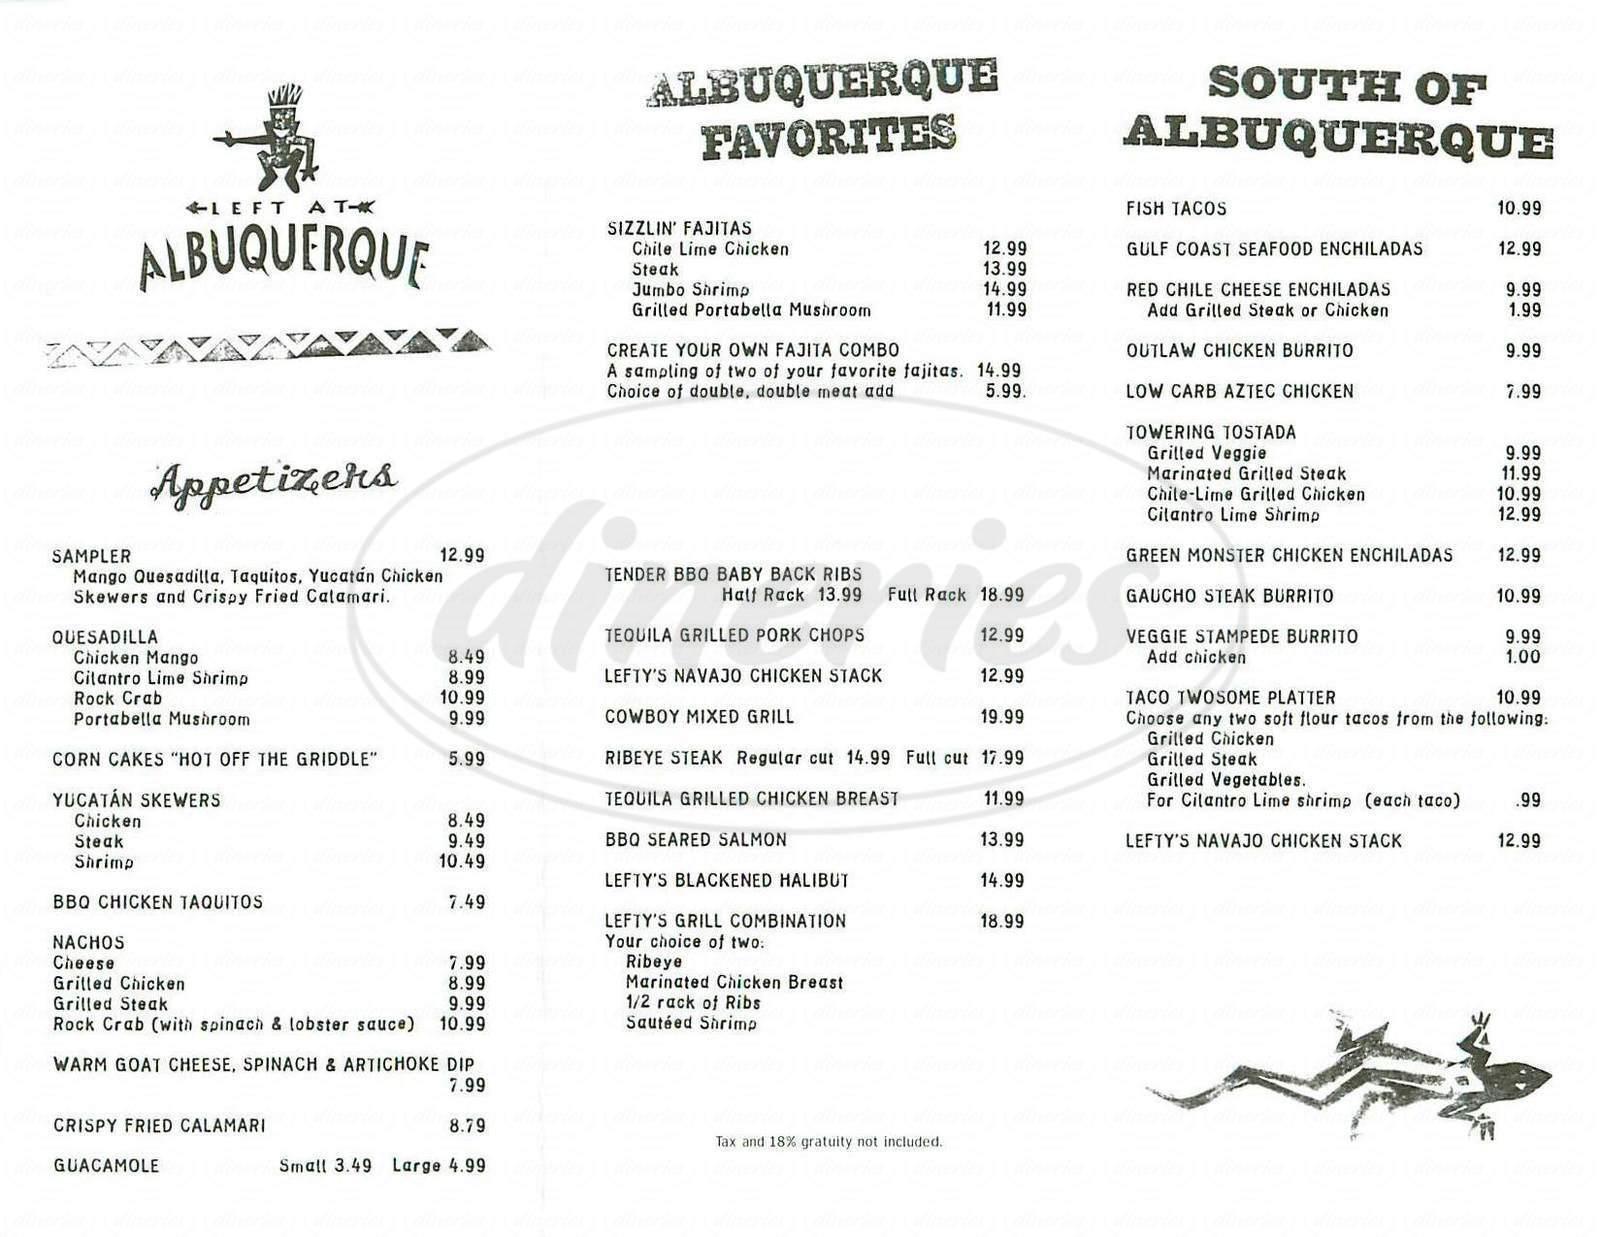 menu for Left At Albuquerque